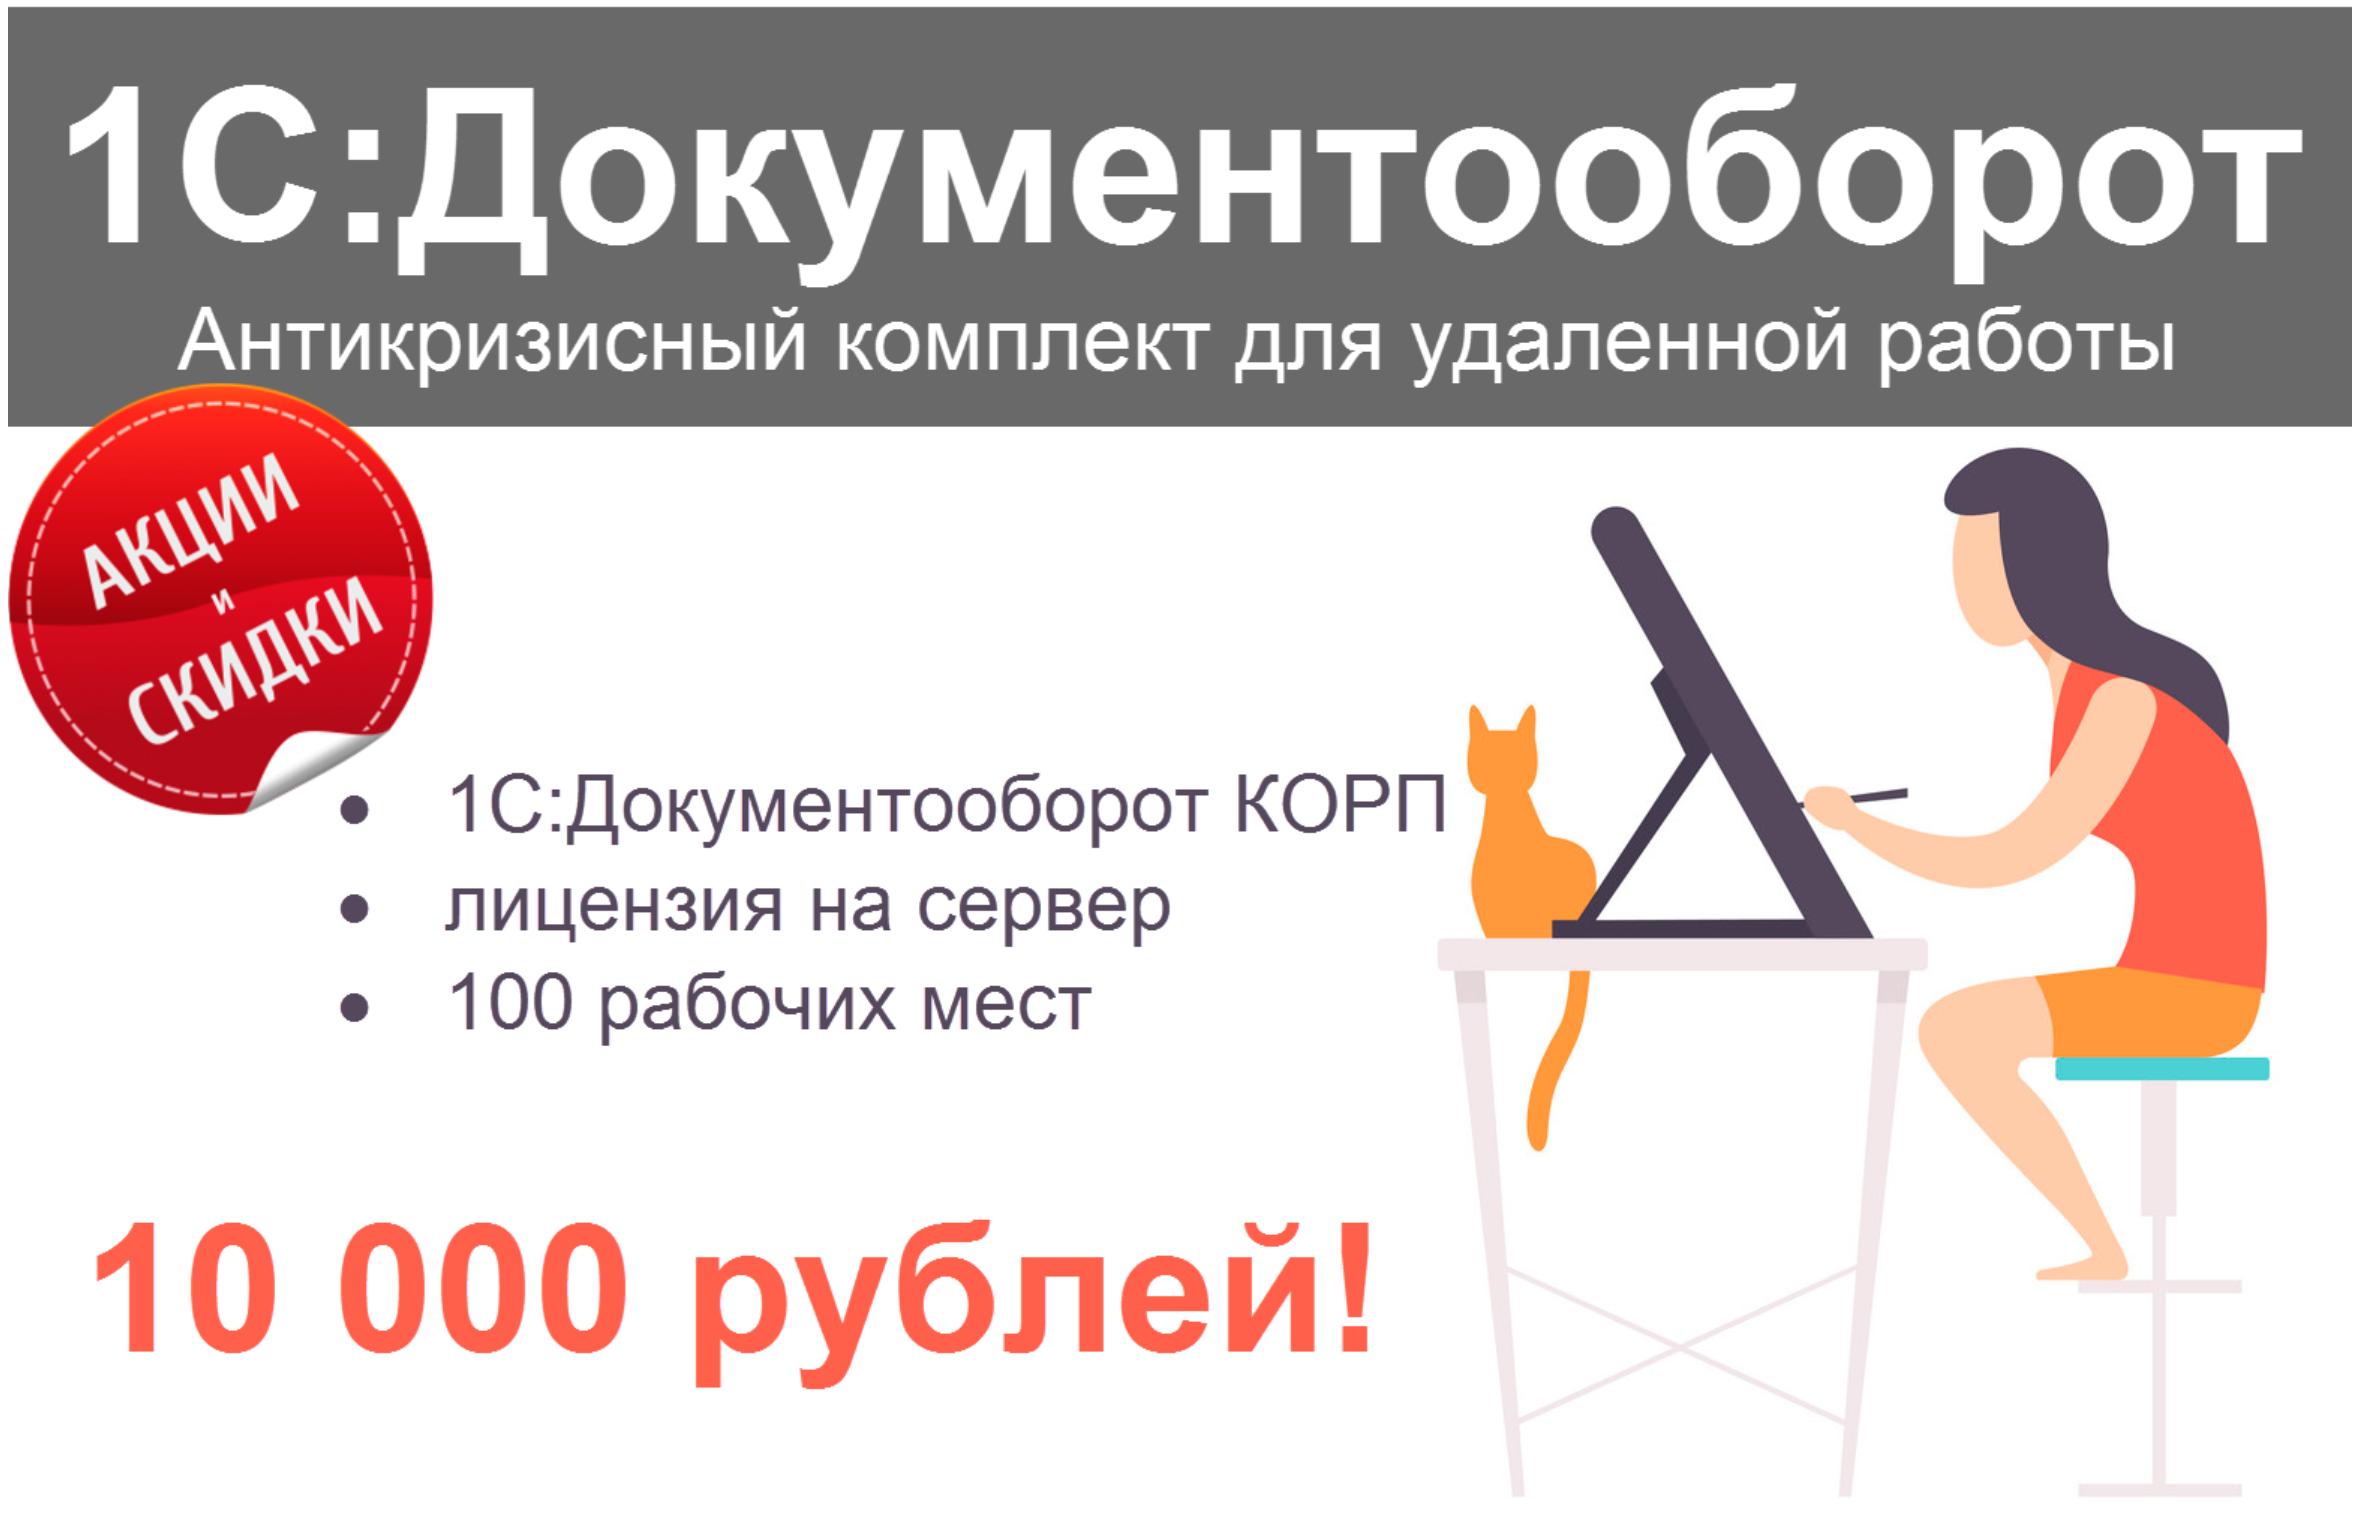 1С:ДО за 10 000 руб.